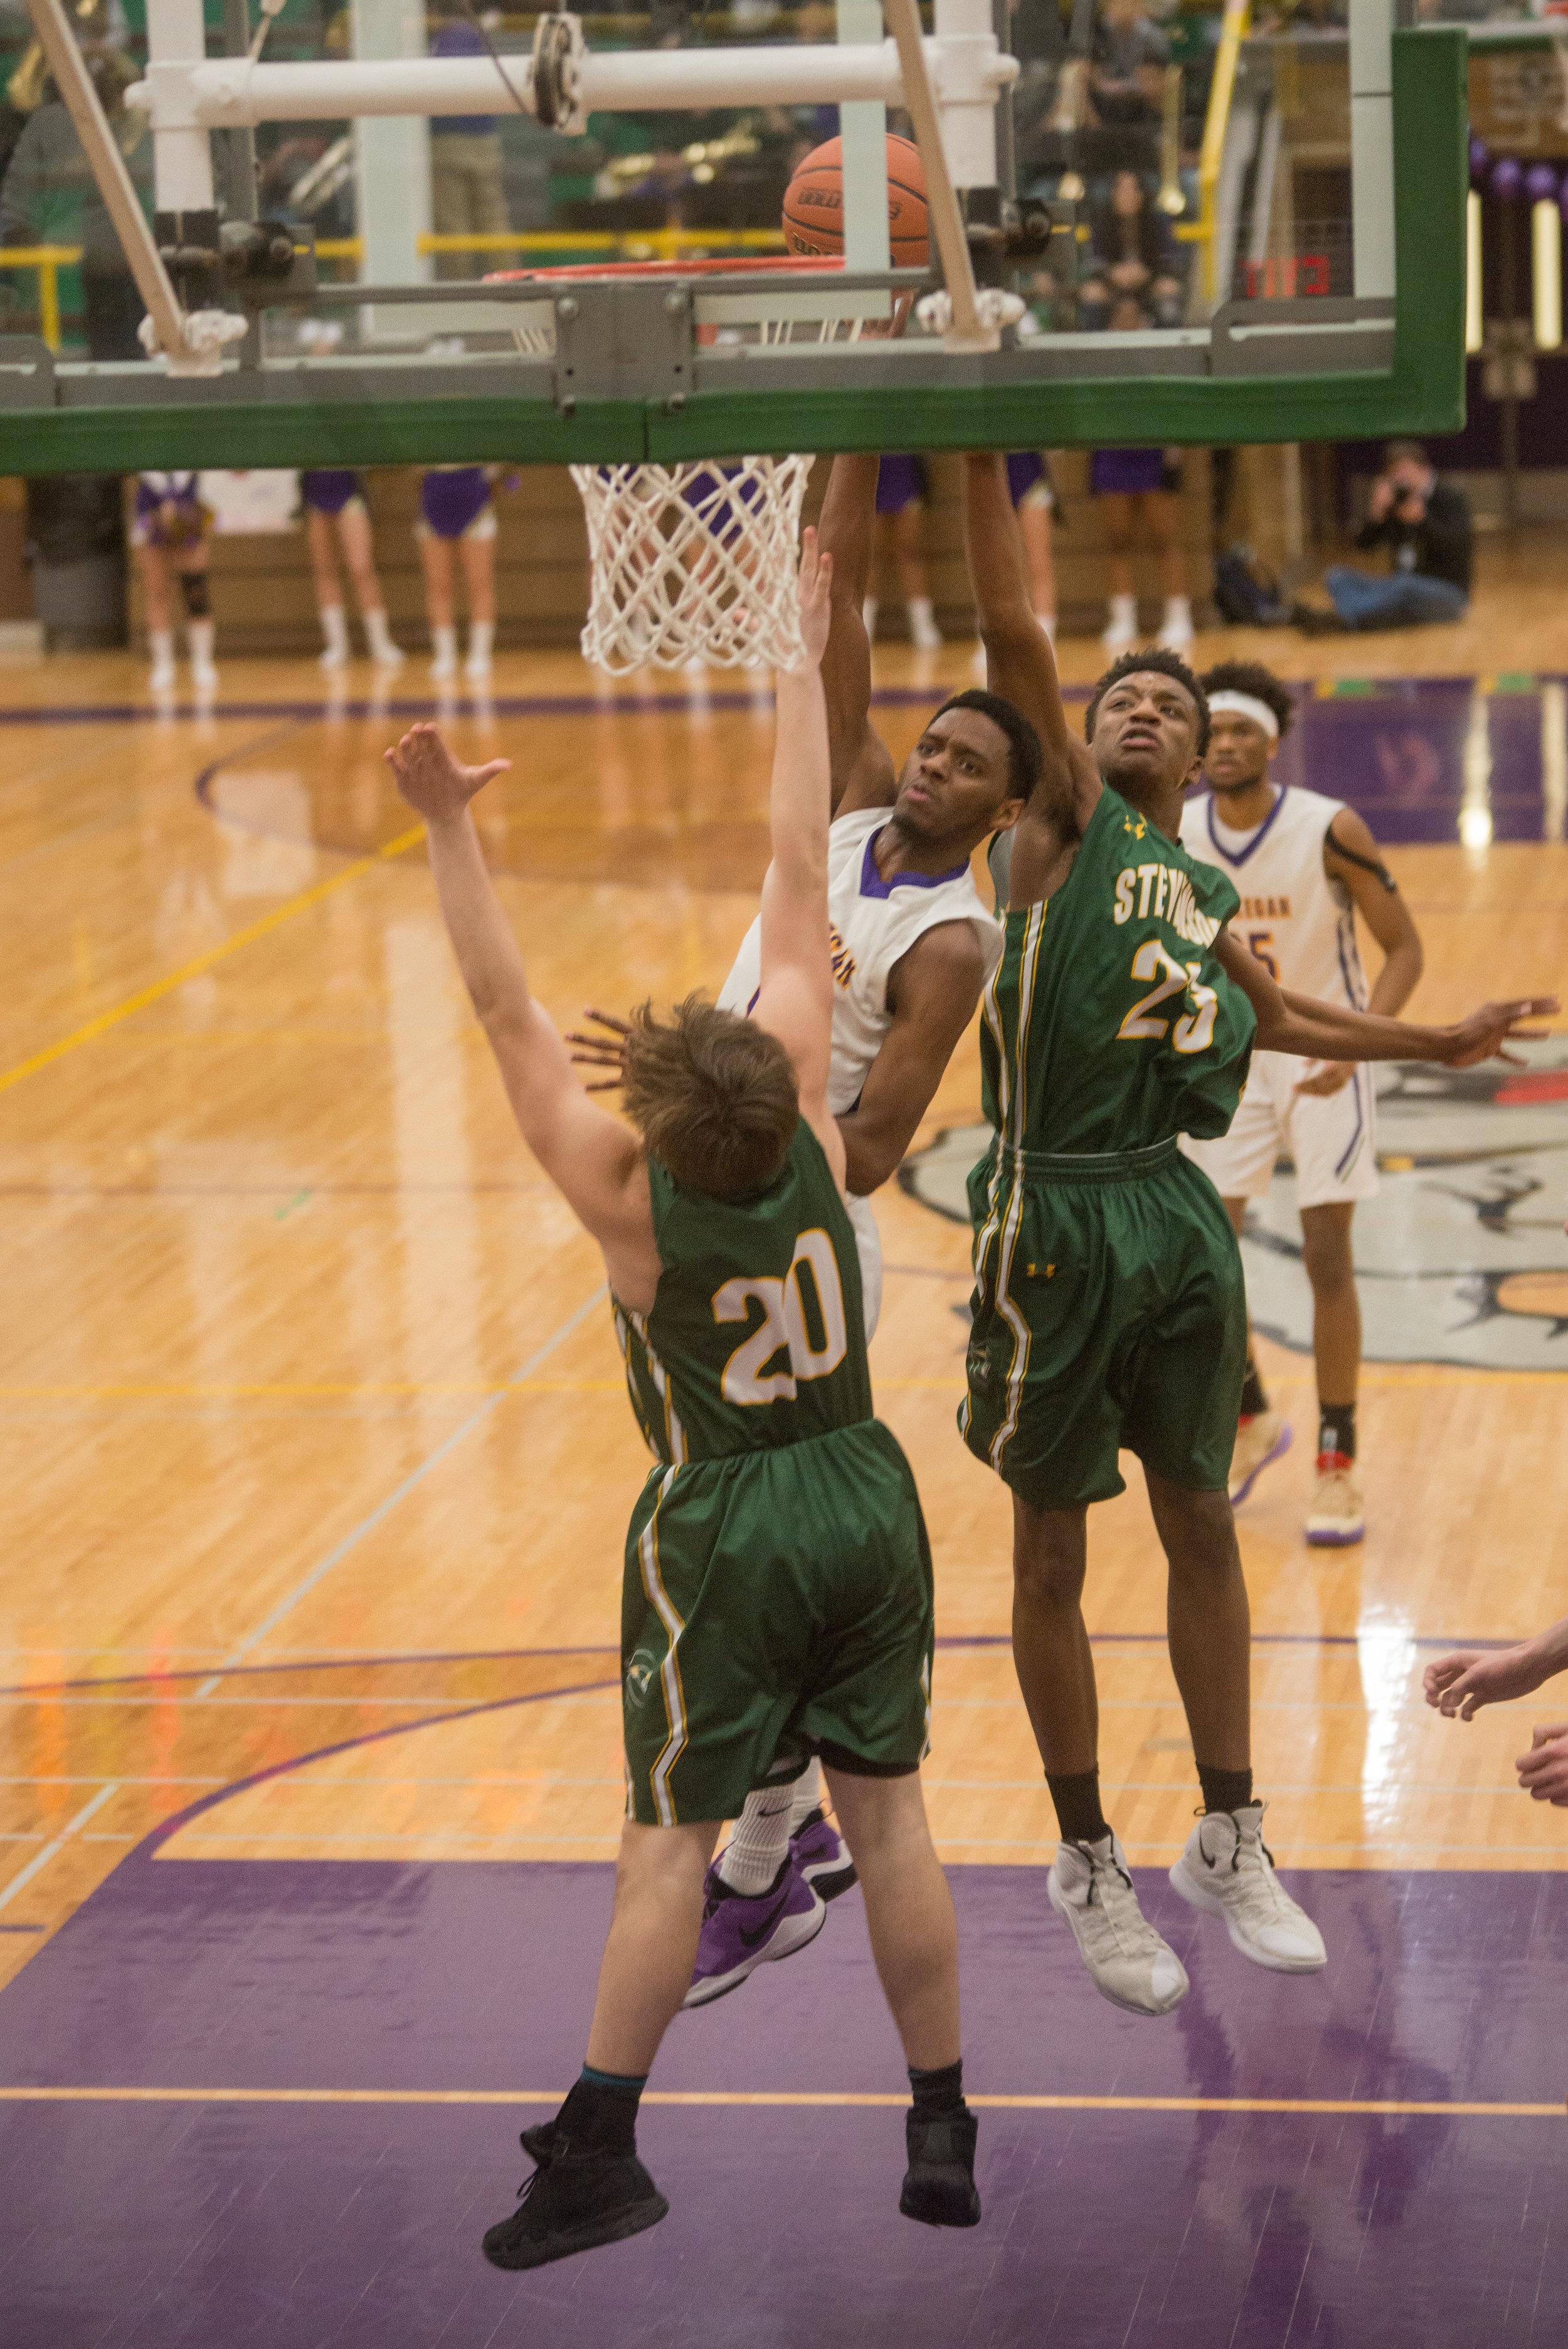 25-Jaylin-Cunningham-shoots-vs-Stevenson.jpg